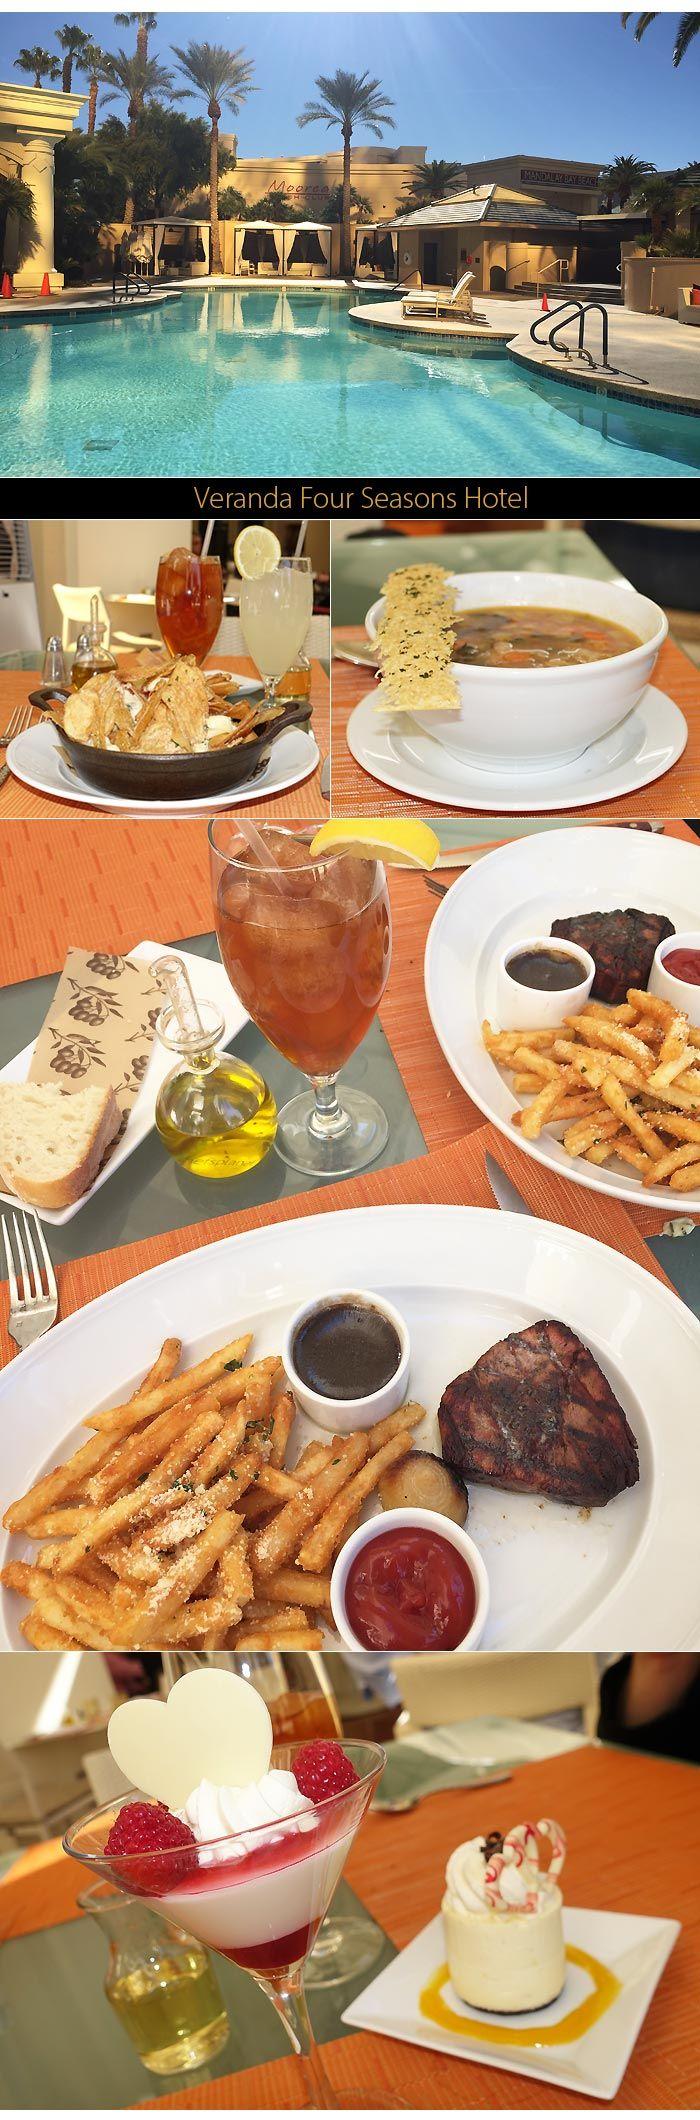 Onde comer em Las Vegas ?   Comidinhas e chefs famosos como Buddy e Gordon Ramsay  Leia mais em: http://www.spicyvanilla.com.br/2016/07/onde-comer-em-las-vegas-buddy-valastro-gordon-ramsay/  #food #lasvegas